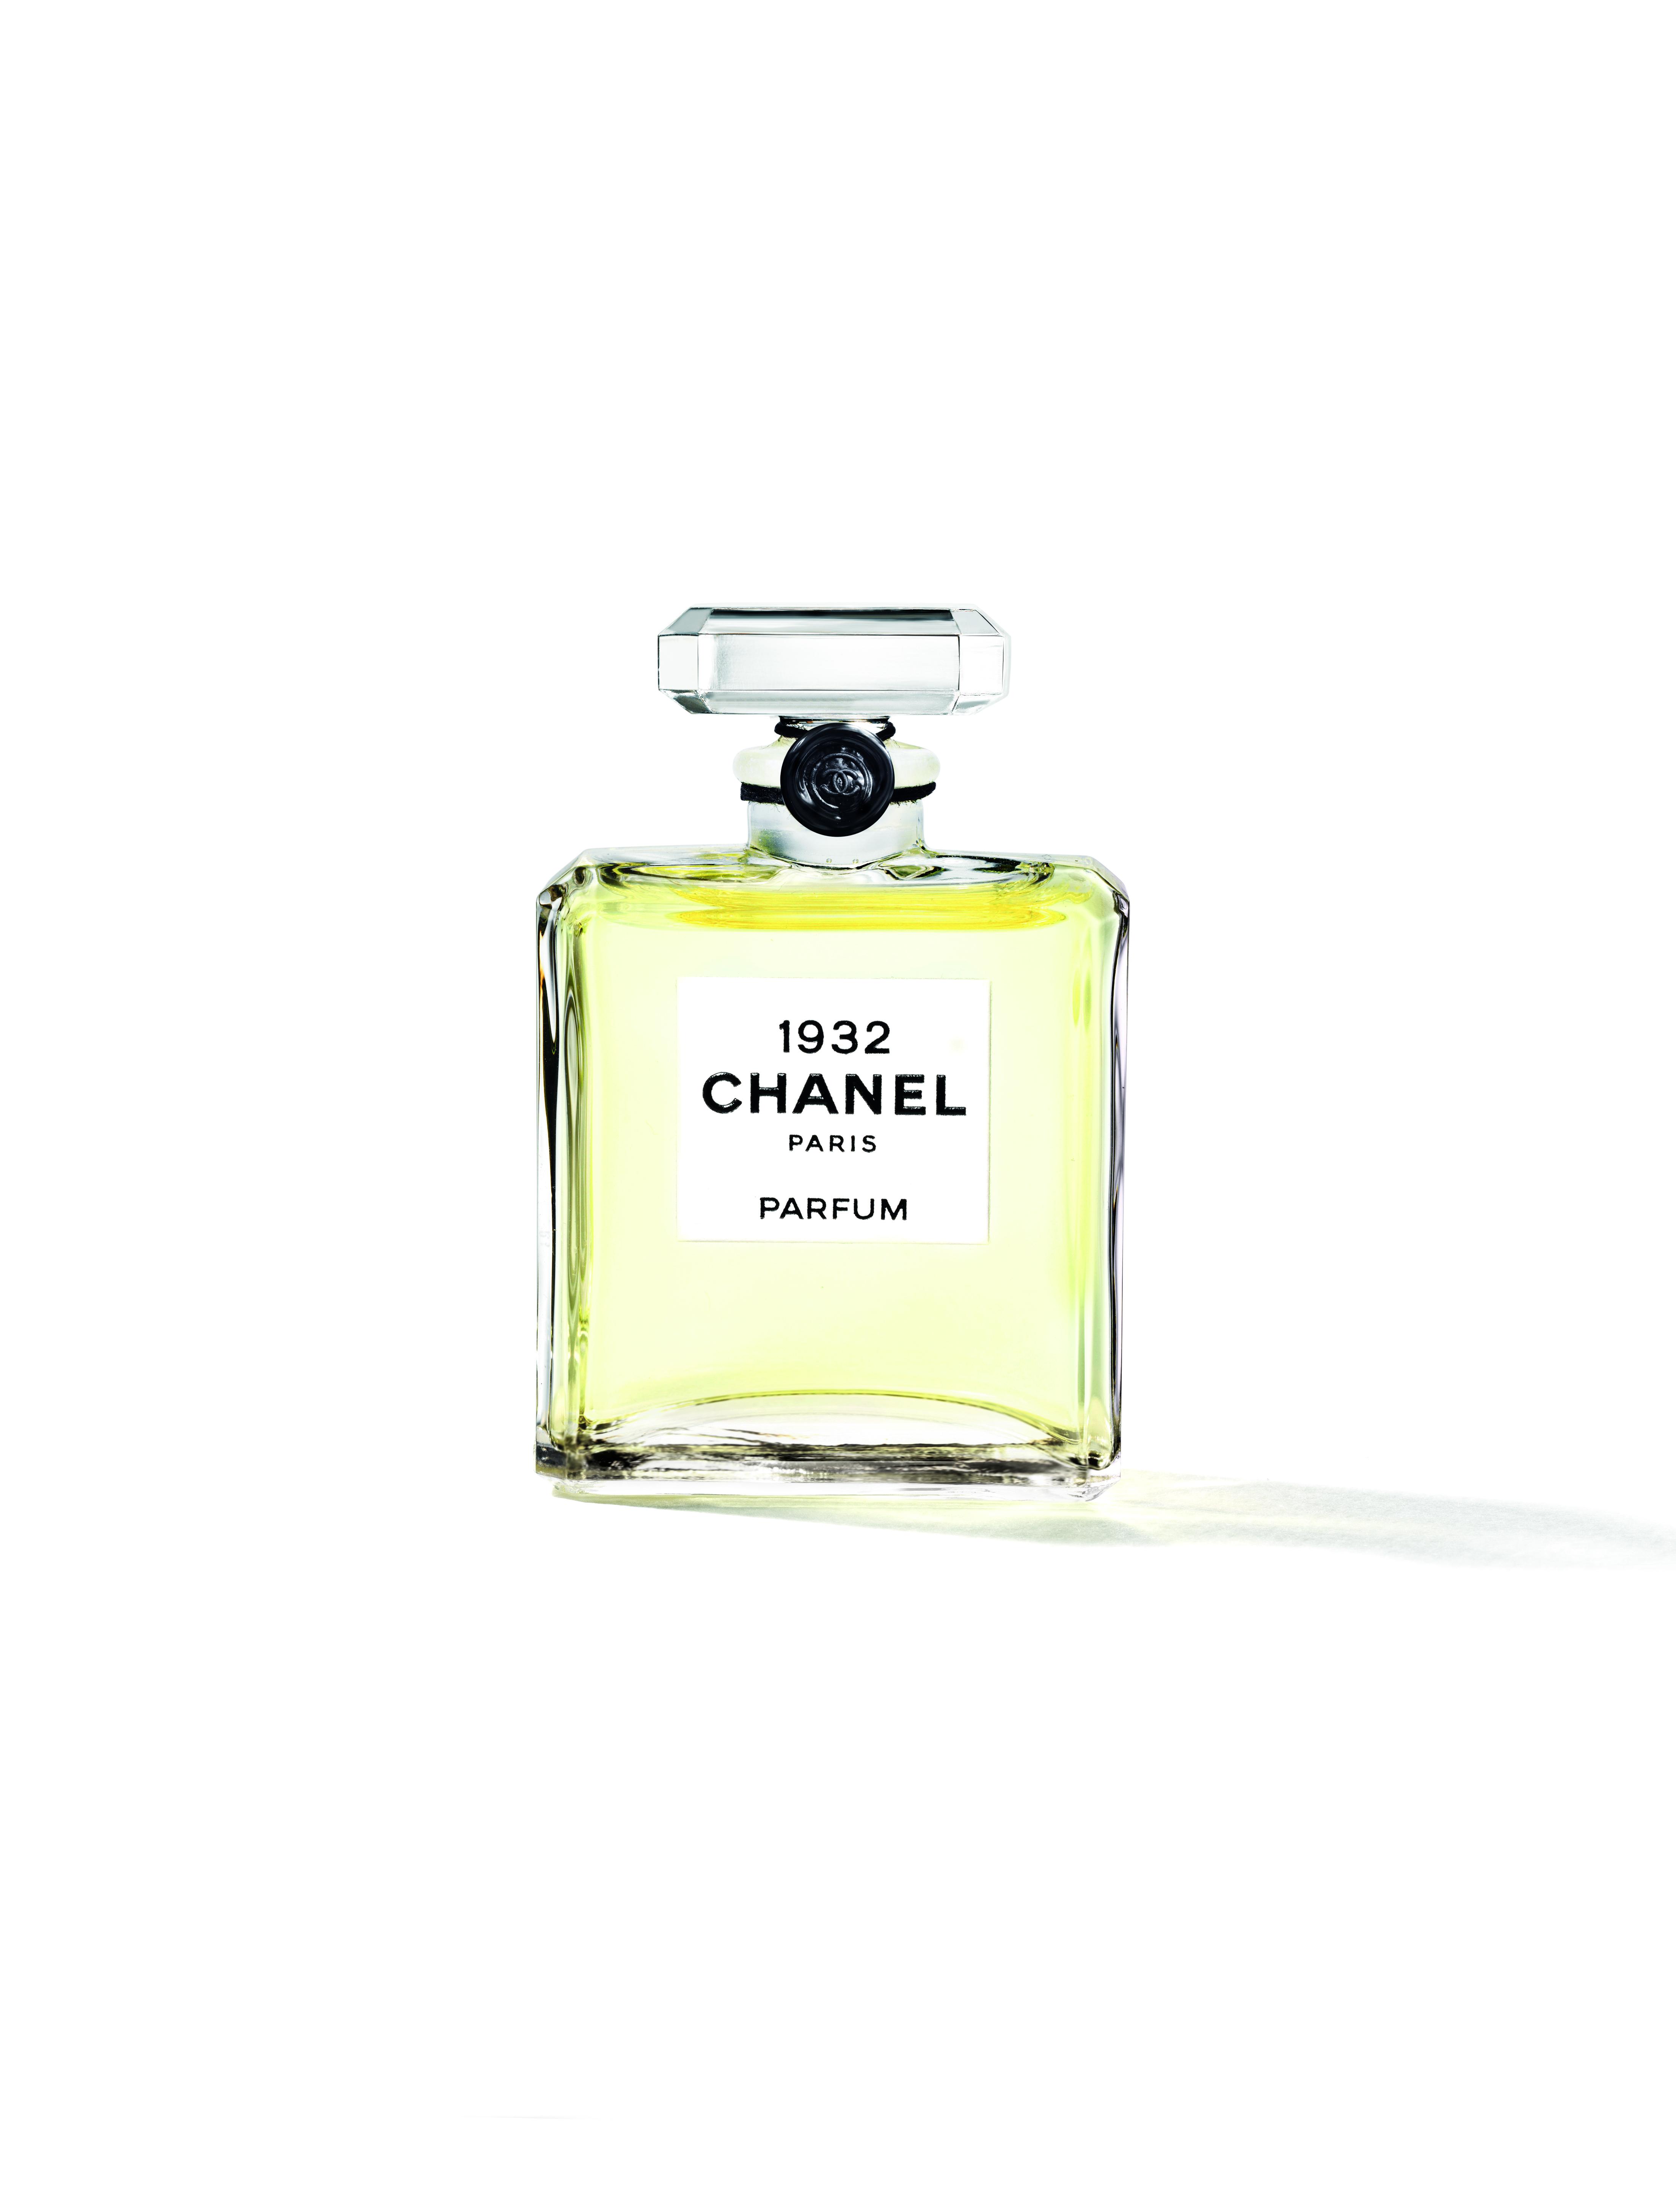 Chanel EXTRAIT-1932